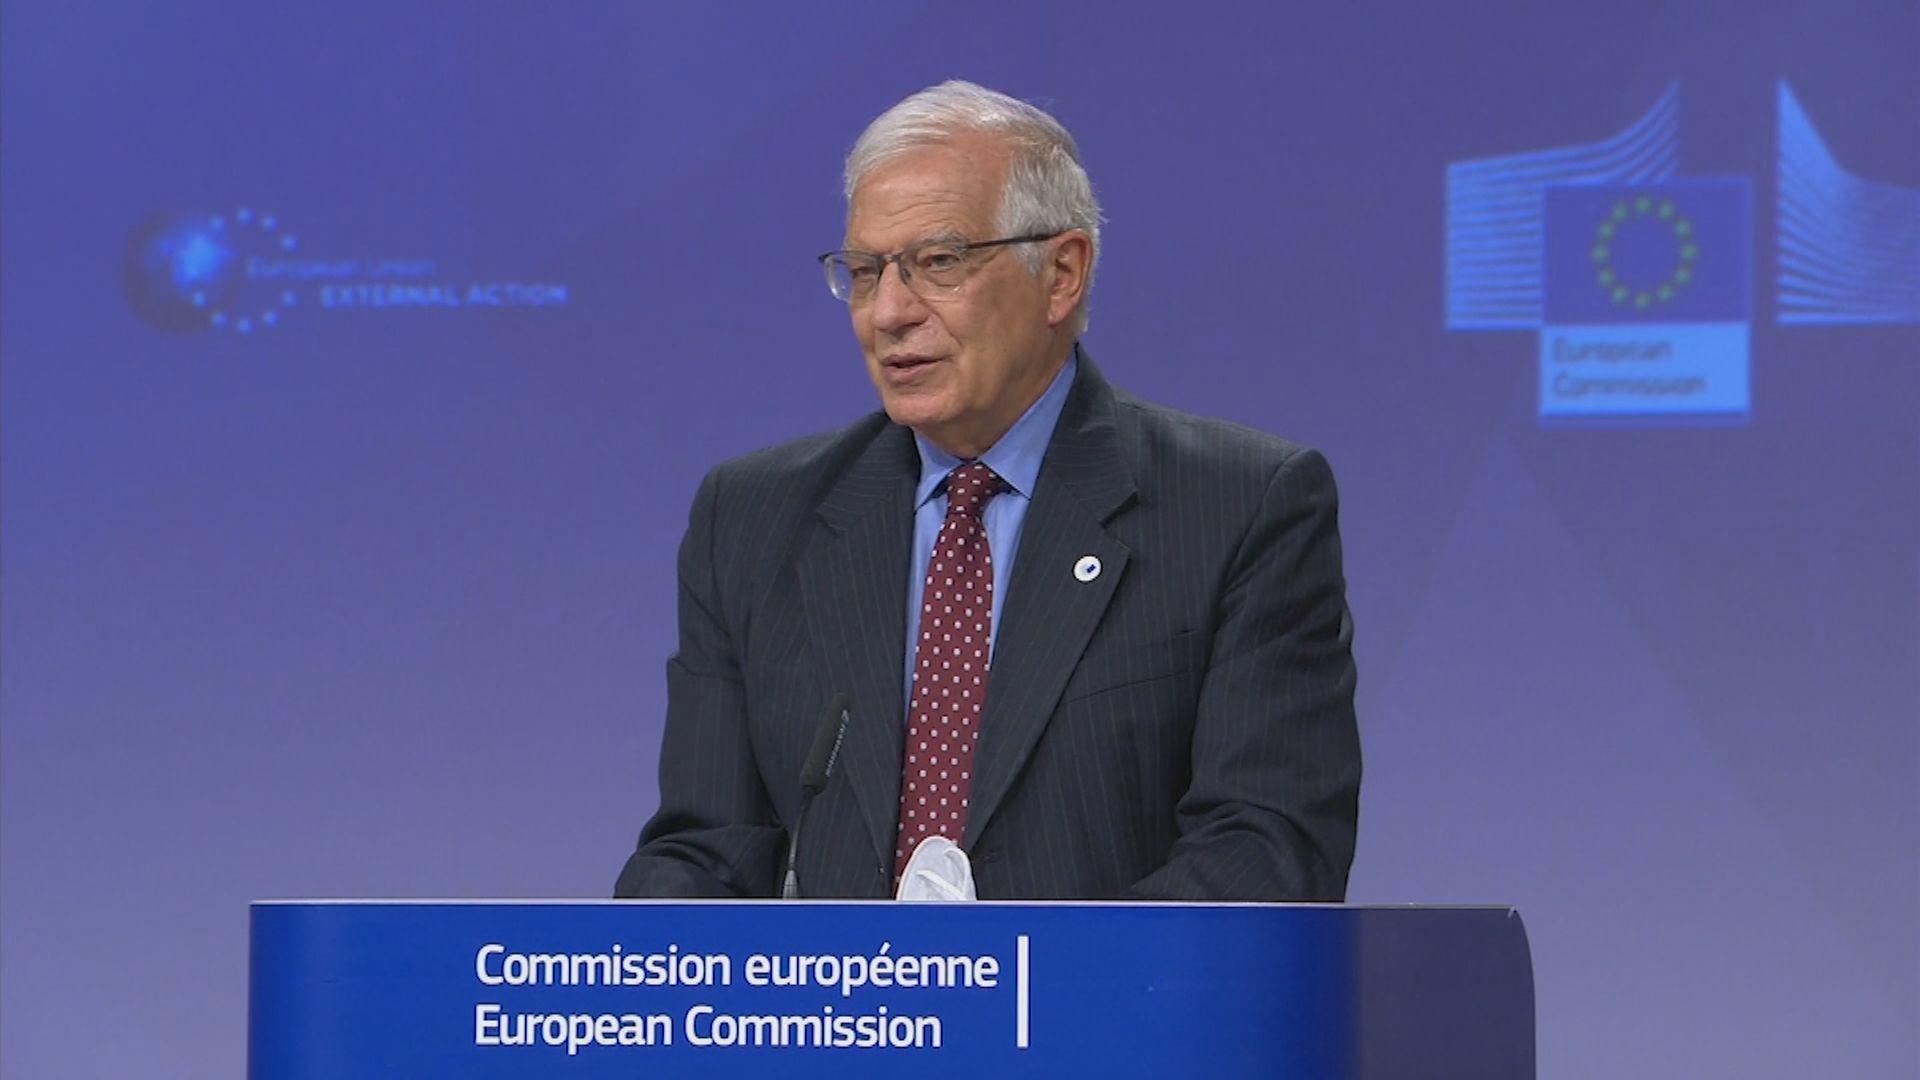 博雷利:歐盟與俄羅斯的關係只會愈來愈差